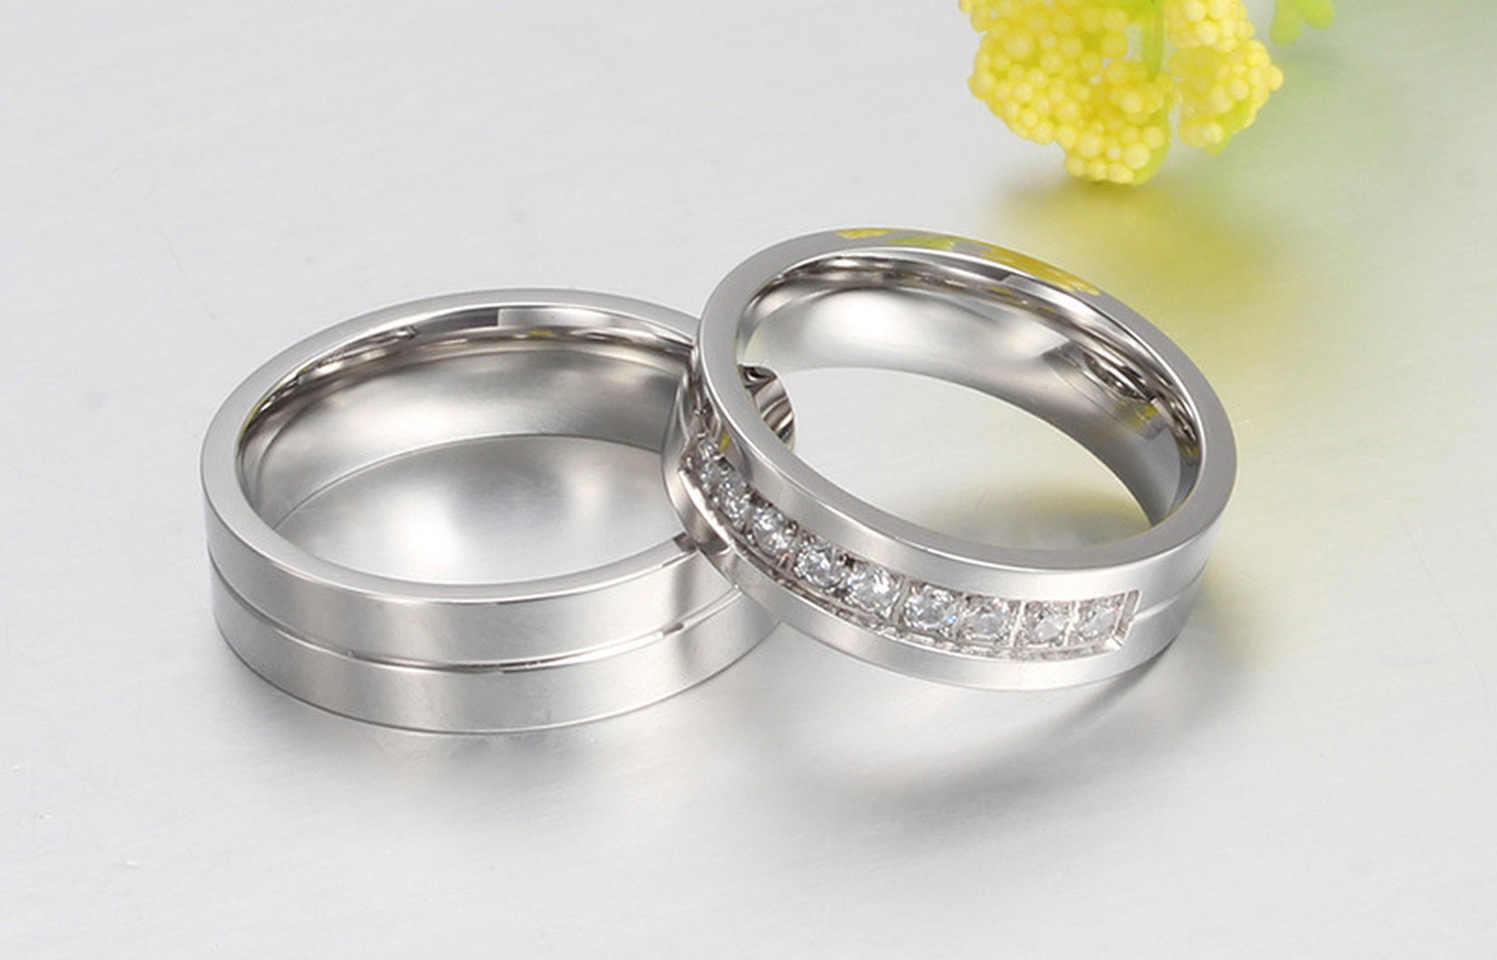 クラシック愛好家彫刻名結婚指輪女性男性カップル約束リングチタンステンレス鋼婚約ジュエリー